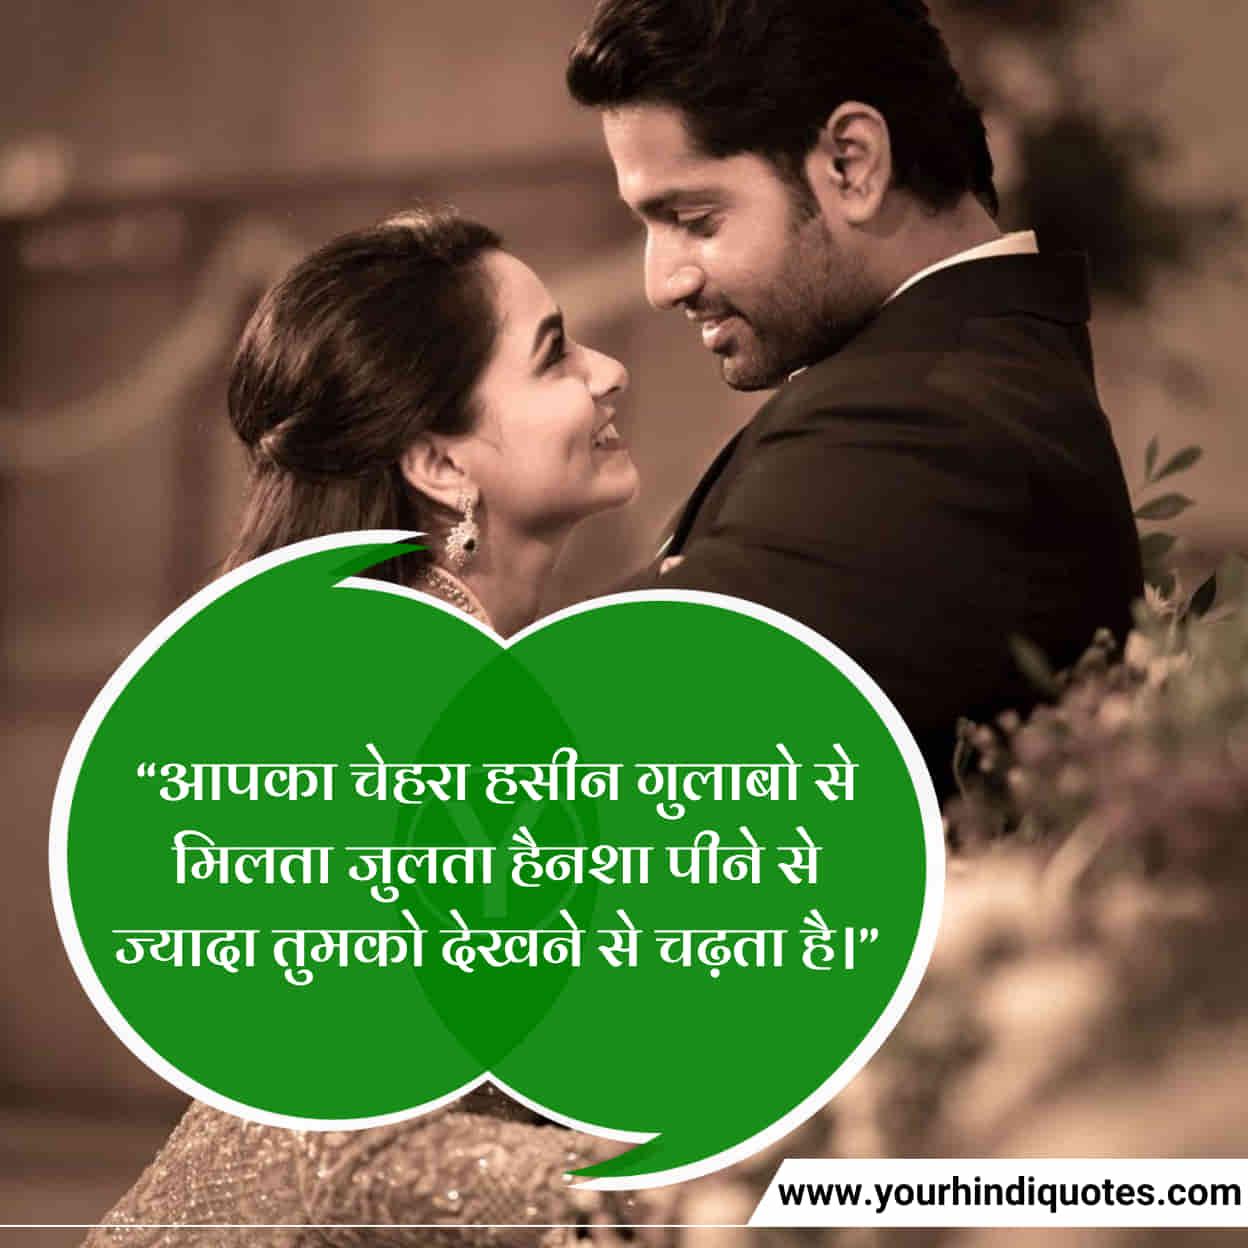 Latest Hindi Romantic Love Shayari